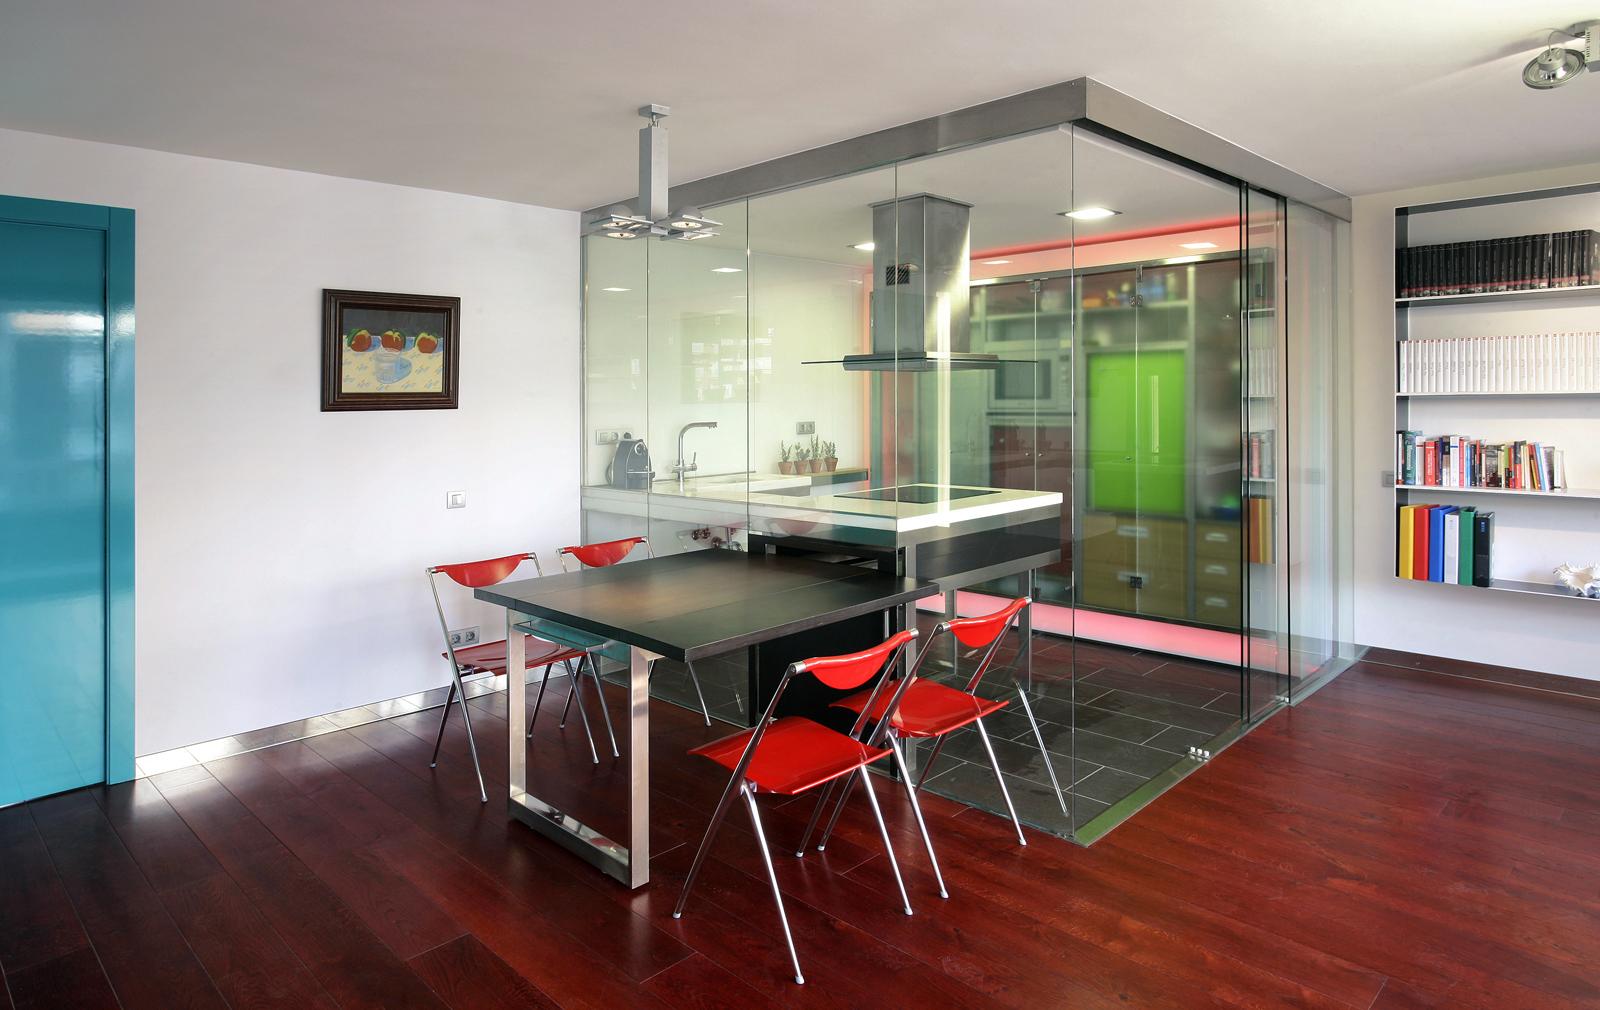 Barcelona interior studio interiorismo y decoraci n - Cocinas en barcelona ...